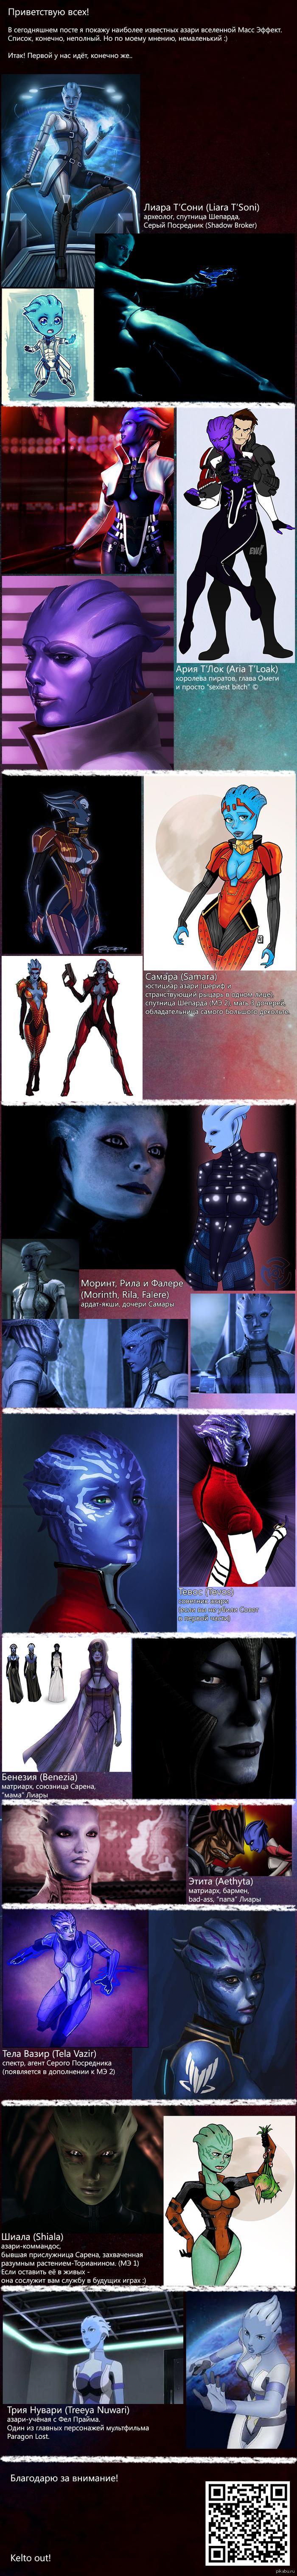 [Mass Effect] Азари во всей красе подборочка артов, картинок, скринов и т.п. по наиболее известным мне азари :)